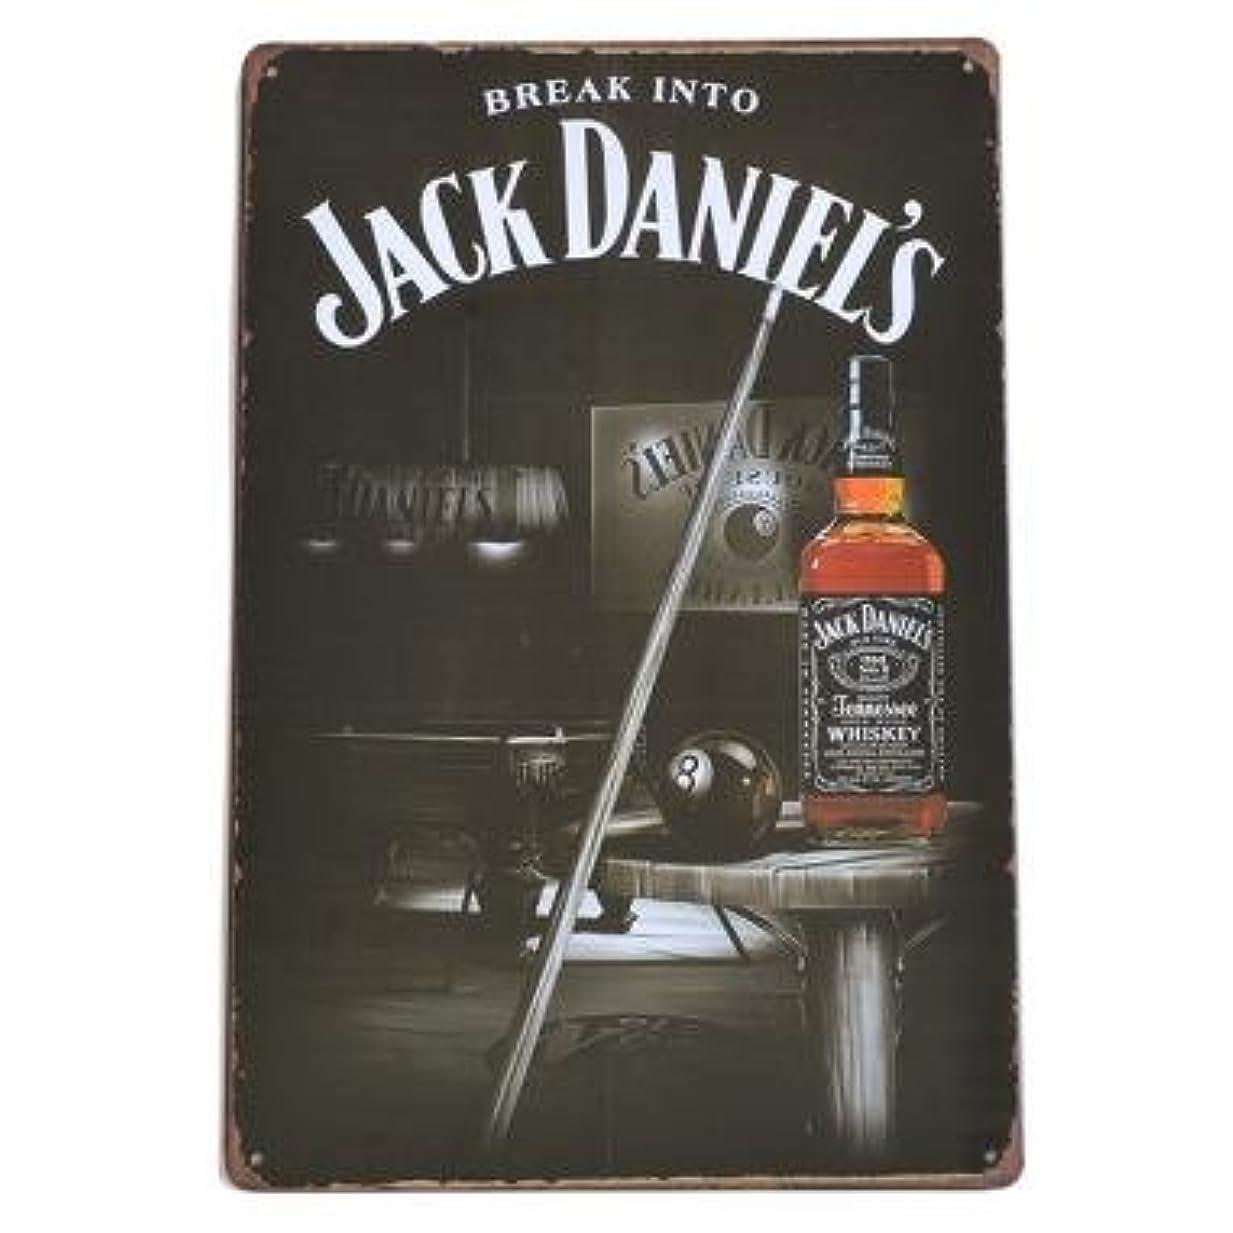 植物学甘くする地雷原JACK DANIEL'S ブリキ看板 ジャックダニエル 看板 No.7 40cm×30cm (デザイン1) [並行輸入品]